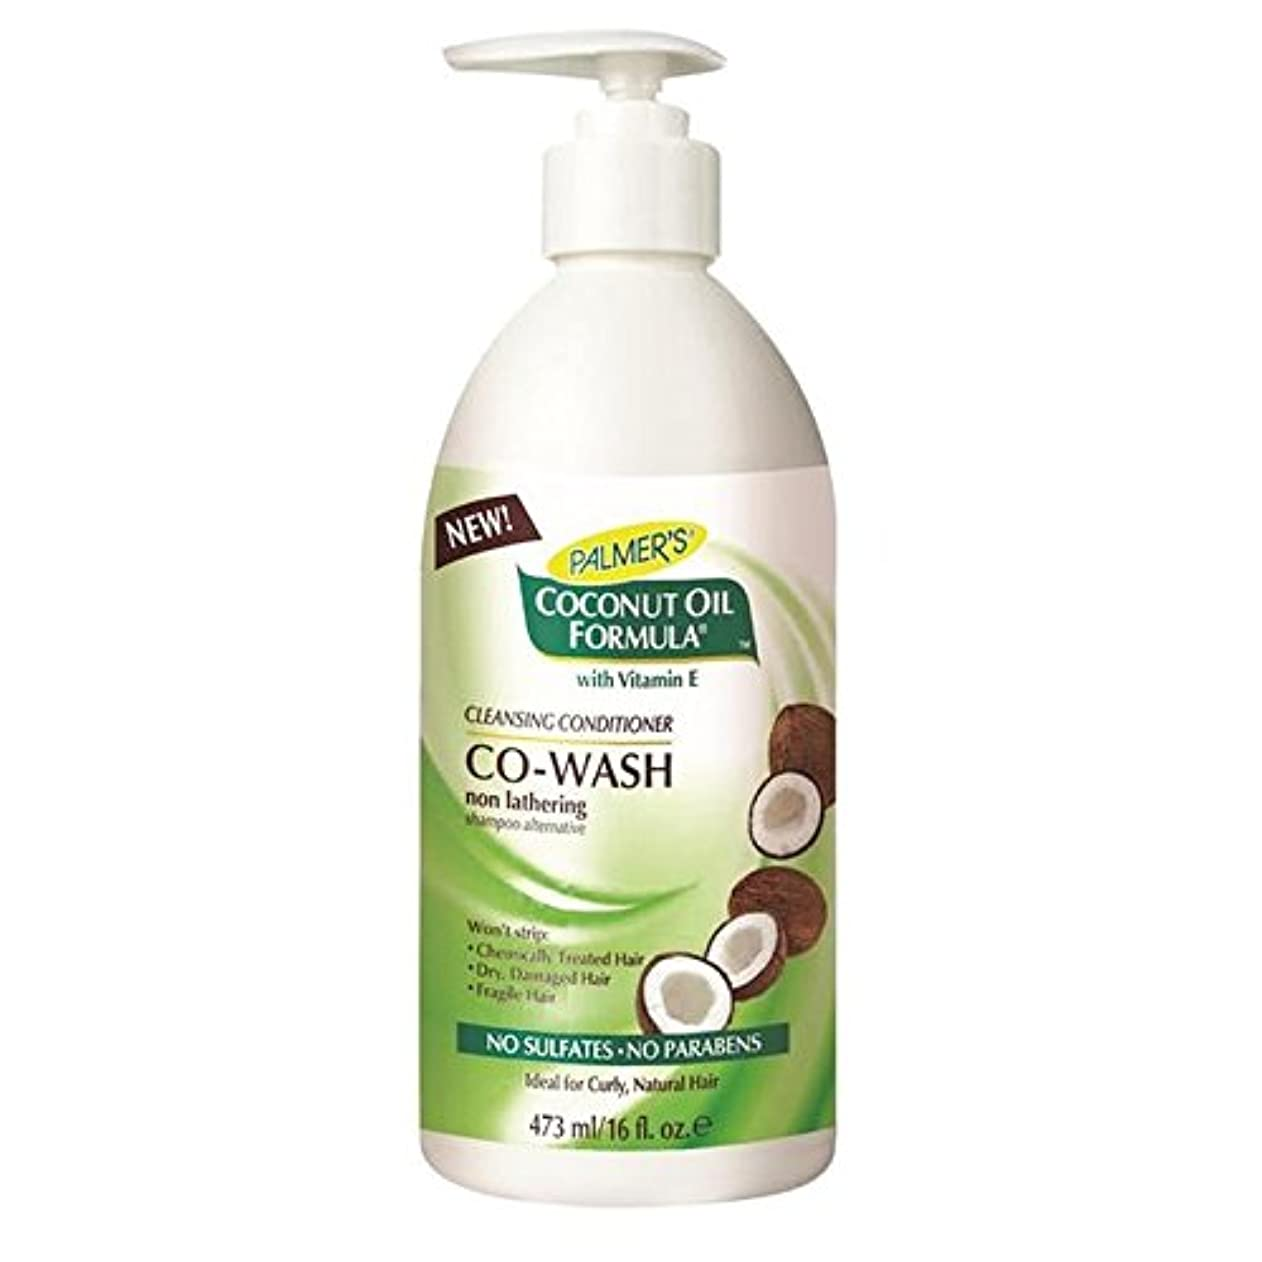 穴手伝うアイデアPalmer's Coconut Formula Co-Wash Cleansing Conditioner, Shampoo Alternative 473ml - パーマーのココナッツ式コウォッシュクレンジングコンディショナー...